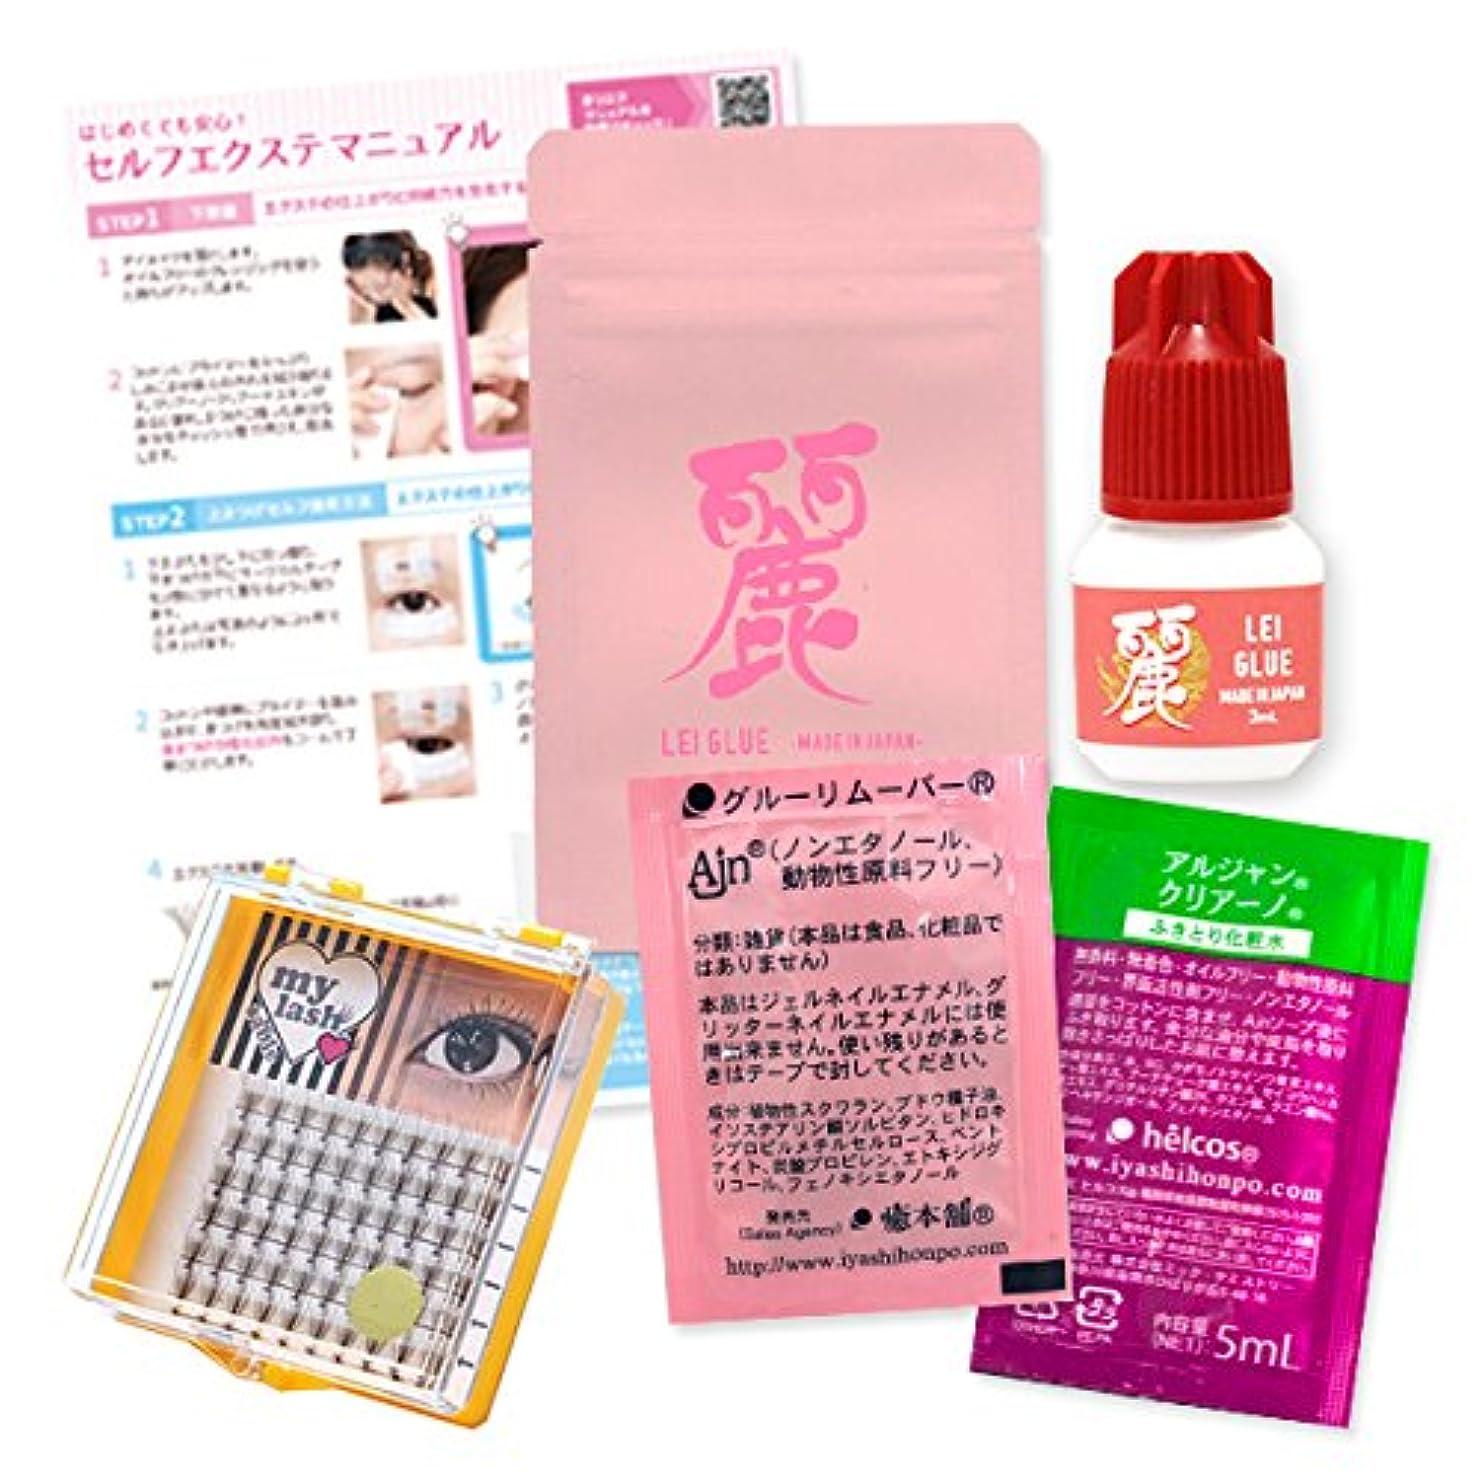 一般的に言えばハーフデータムマツエク セルフ my Lash キット 7本束(MIX)と日本製 麗グルーセット まつげエクステ